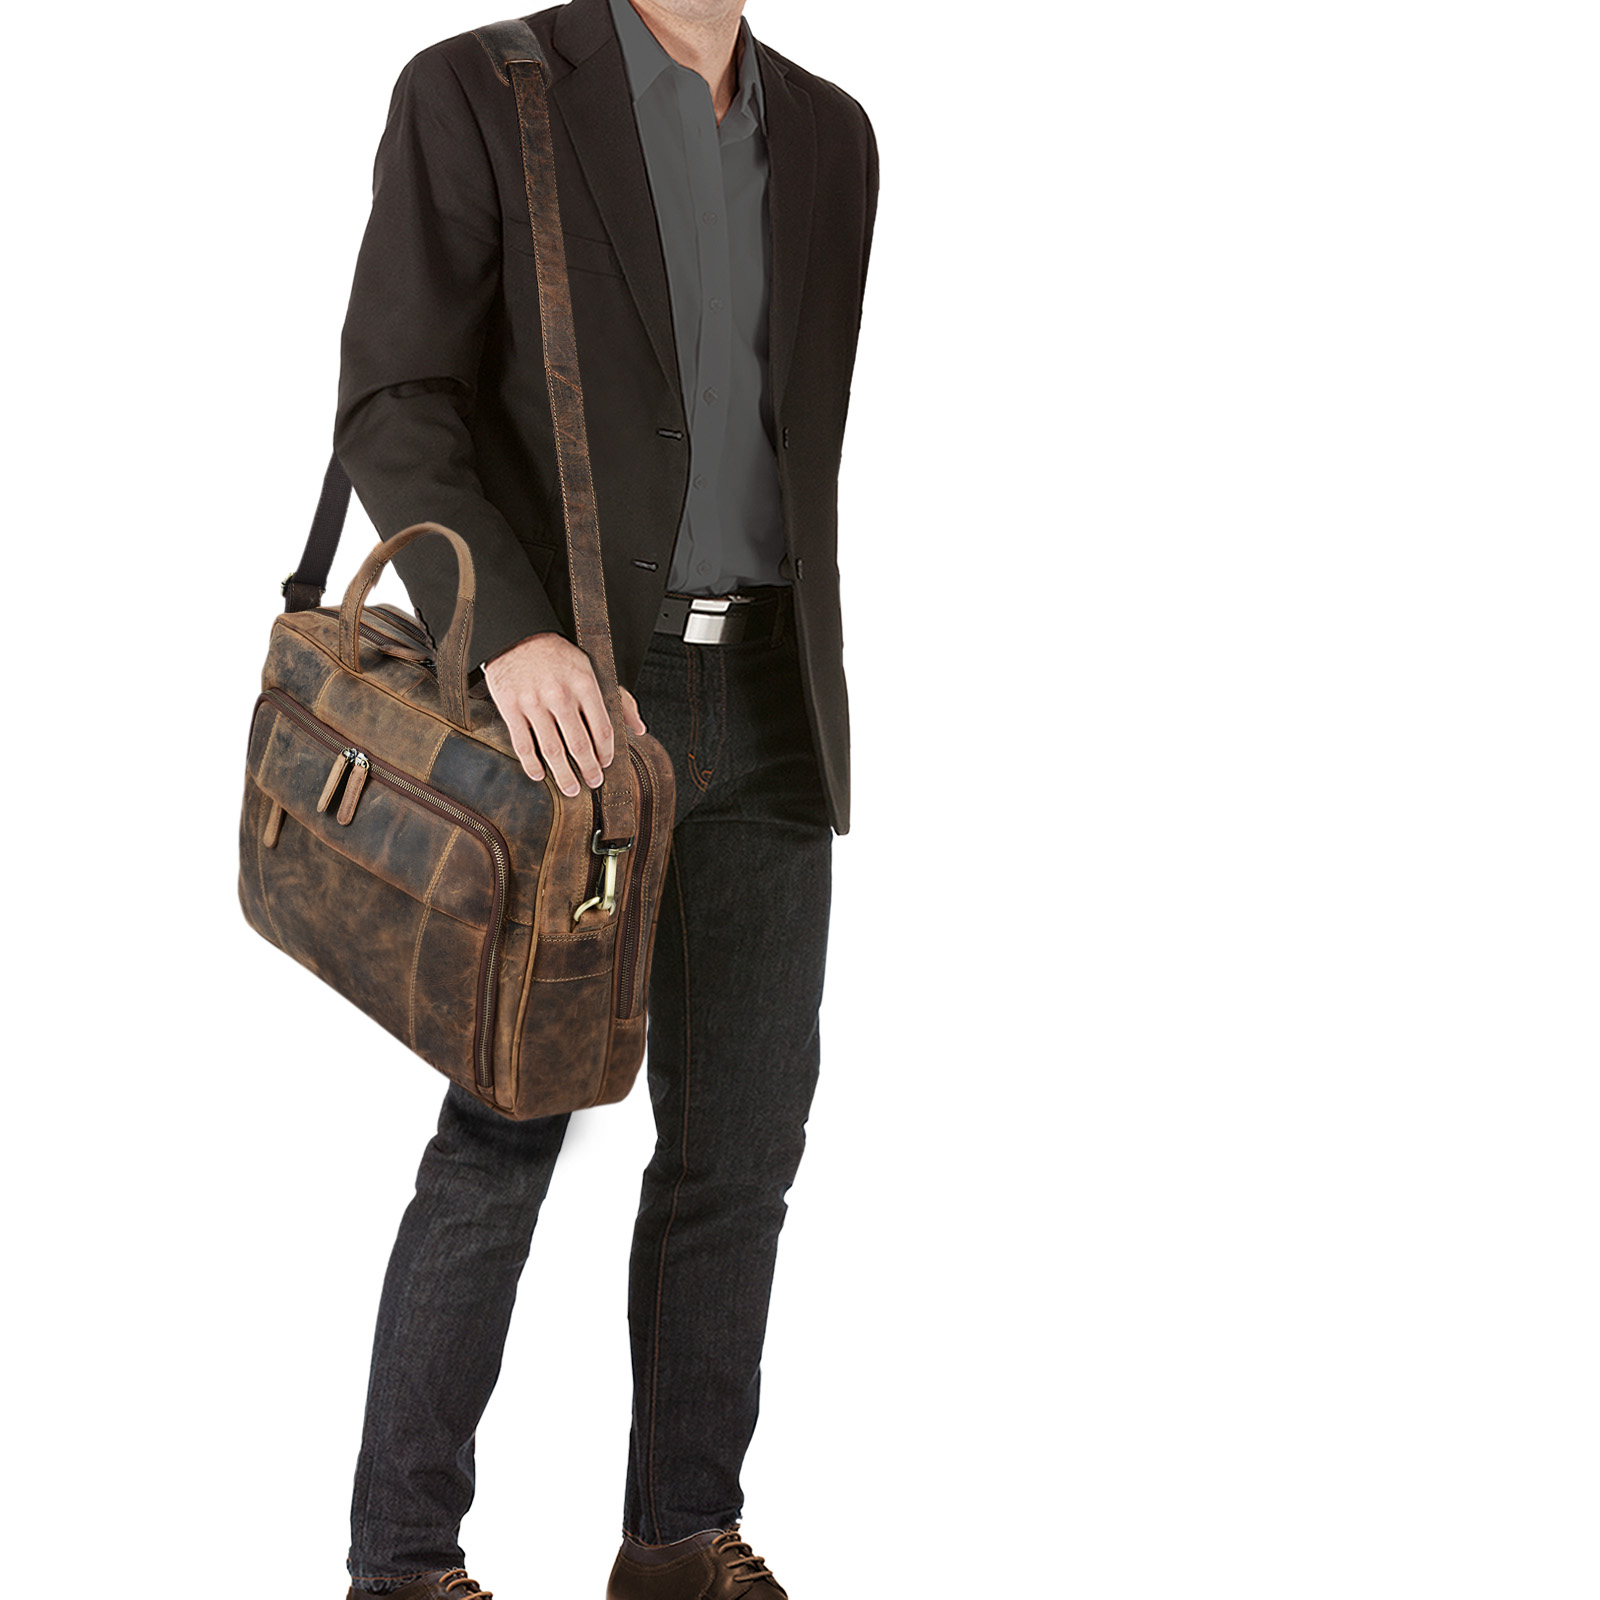 """STILORD """"Jaron"""" Vintage Ledertasche Leder Herren Damen 15,6 Zoll Laptoptasche Umhängetasche groß Aktentasche Arbeit Büro Uni echtes Rindsleder - Bild 3"""